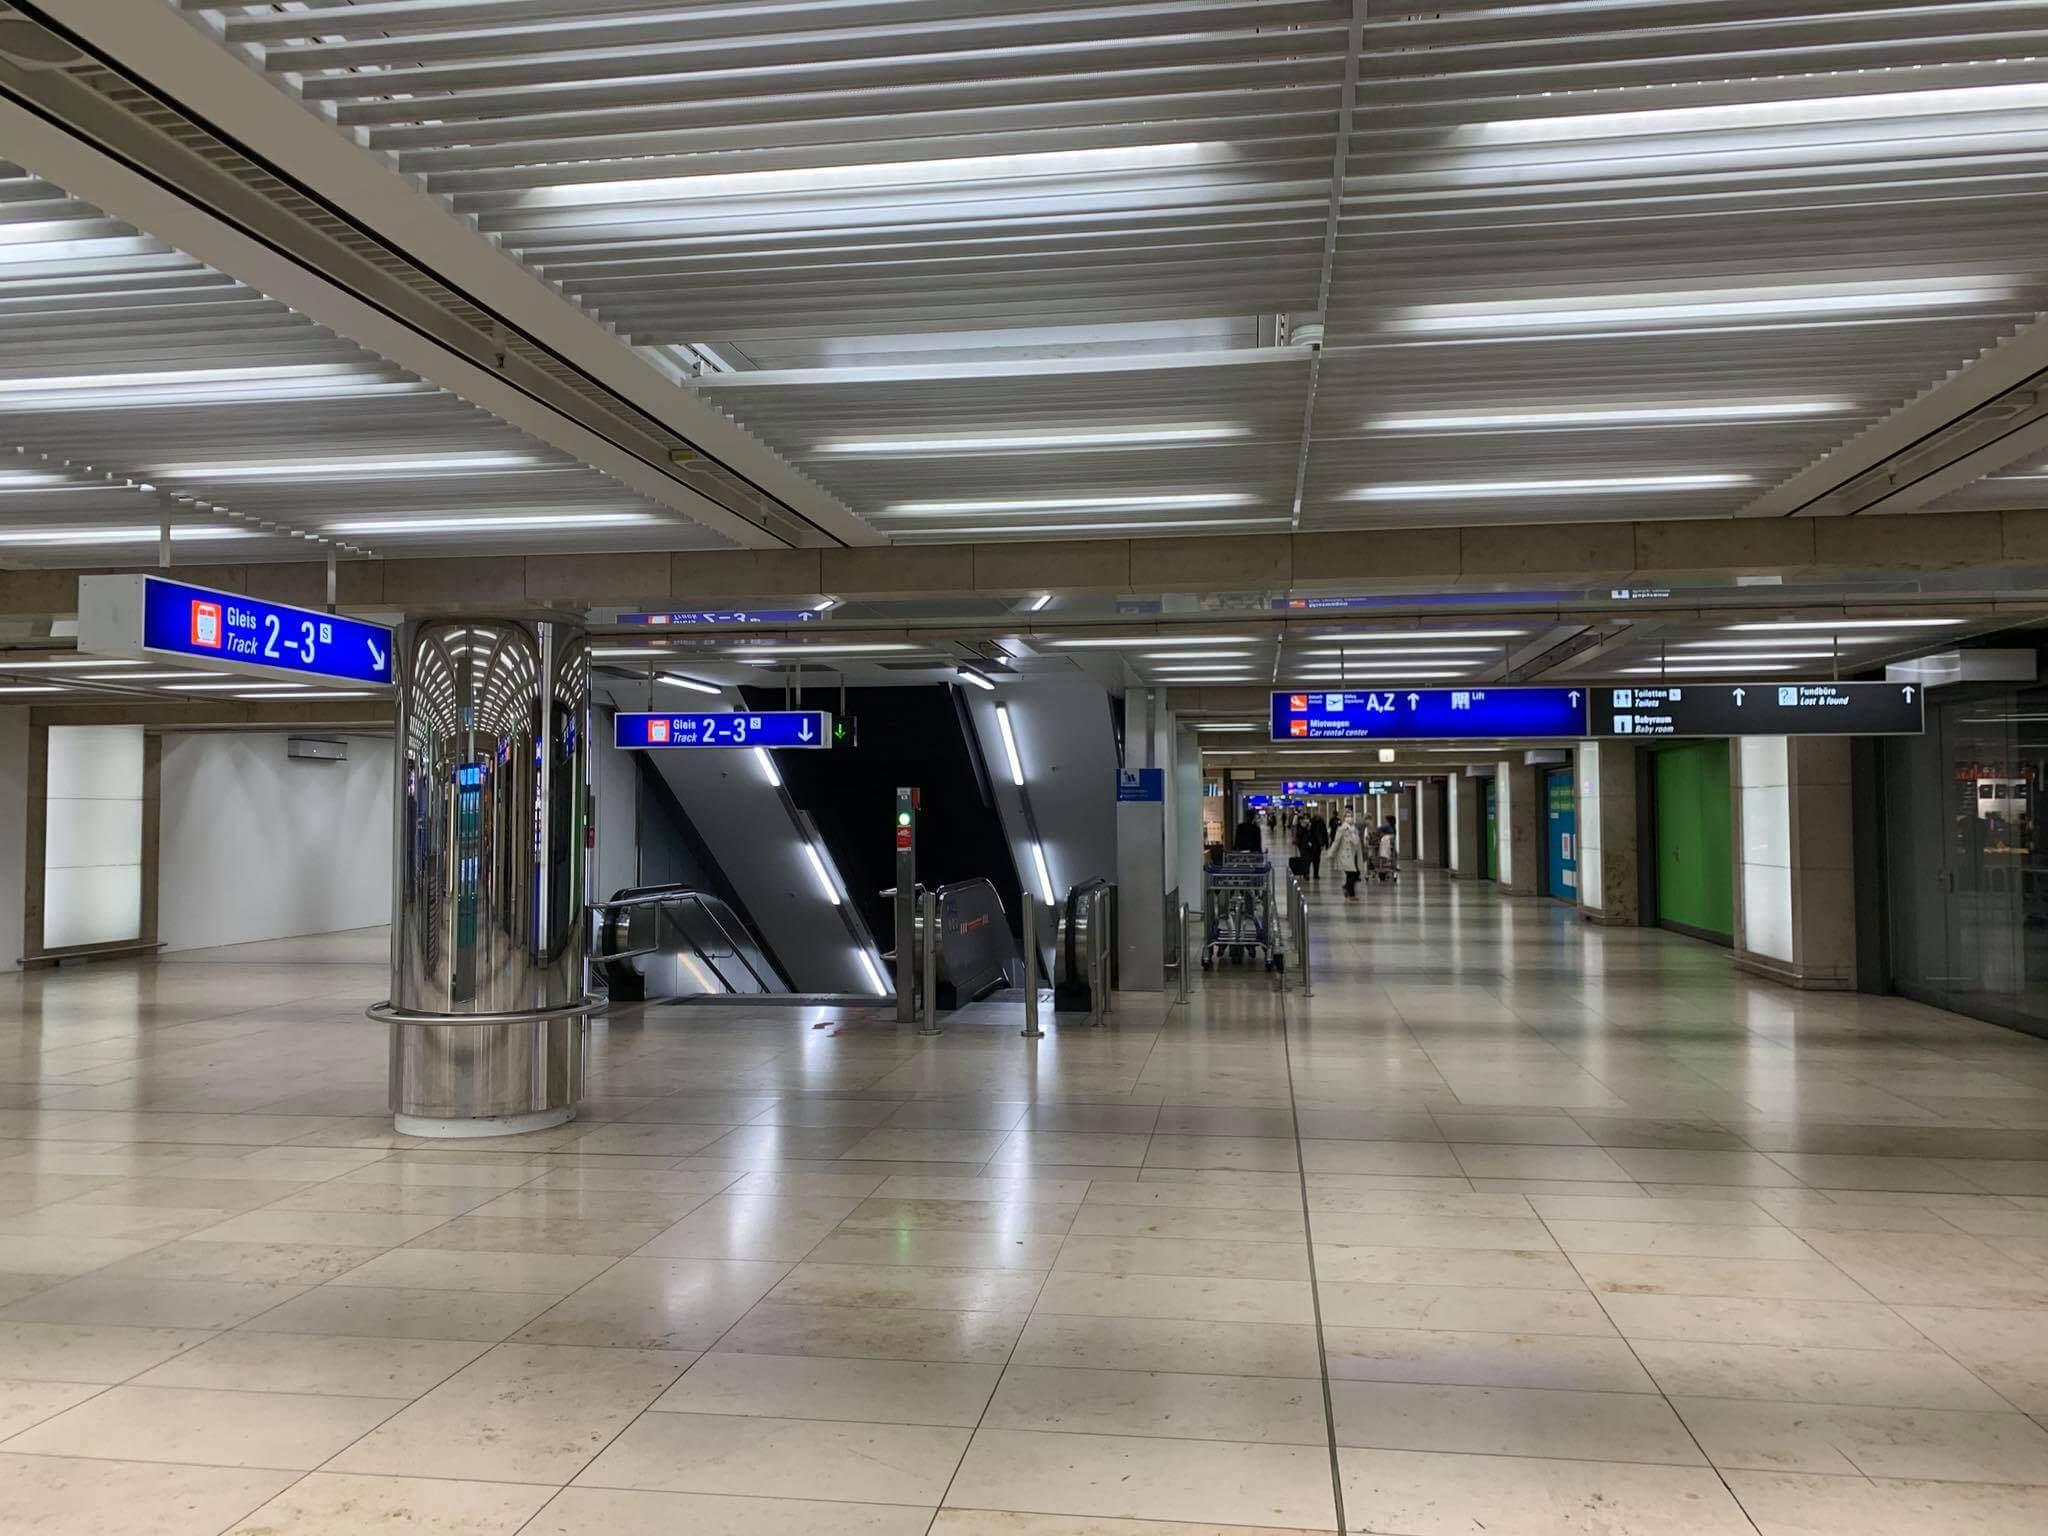 Sân bay Frankfurt - Đường đi ra bến tầu ICE và chỗ đậu xe